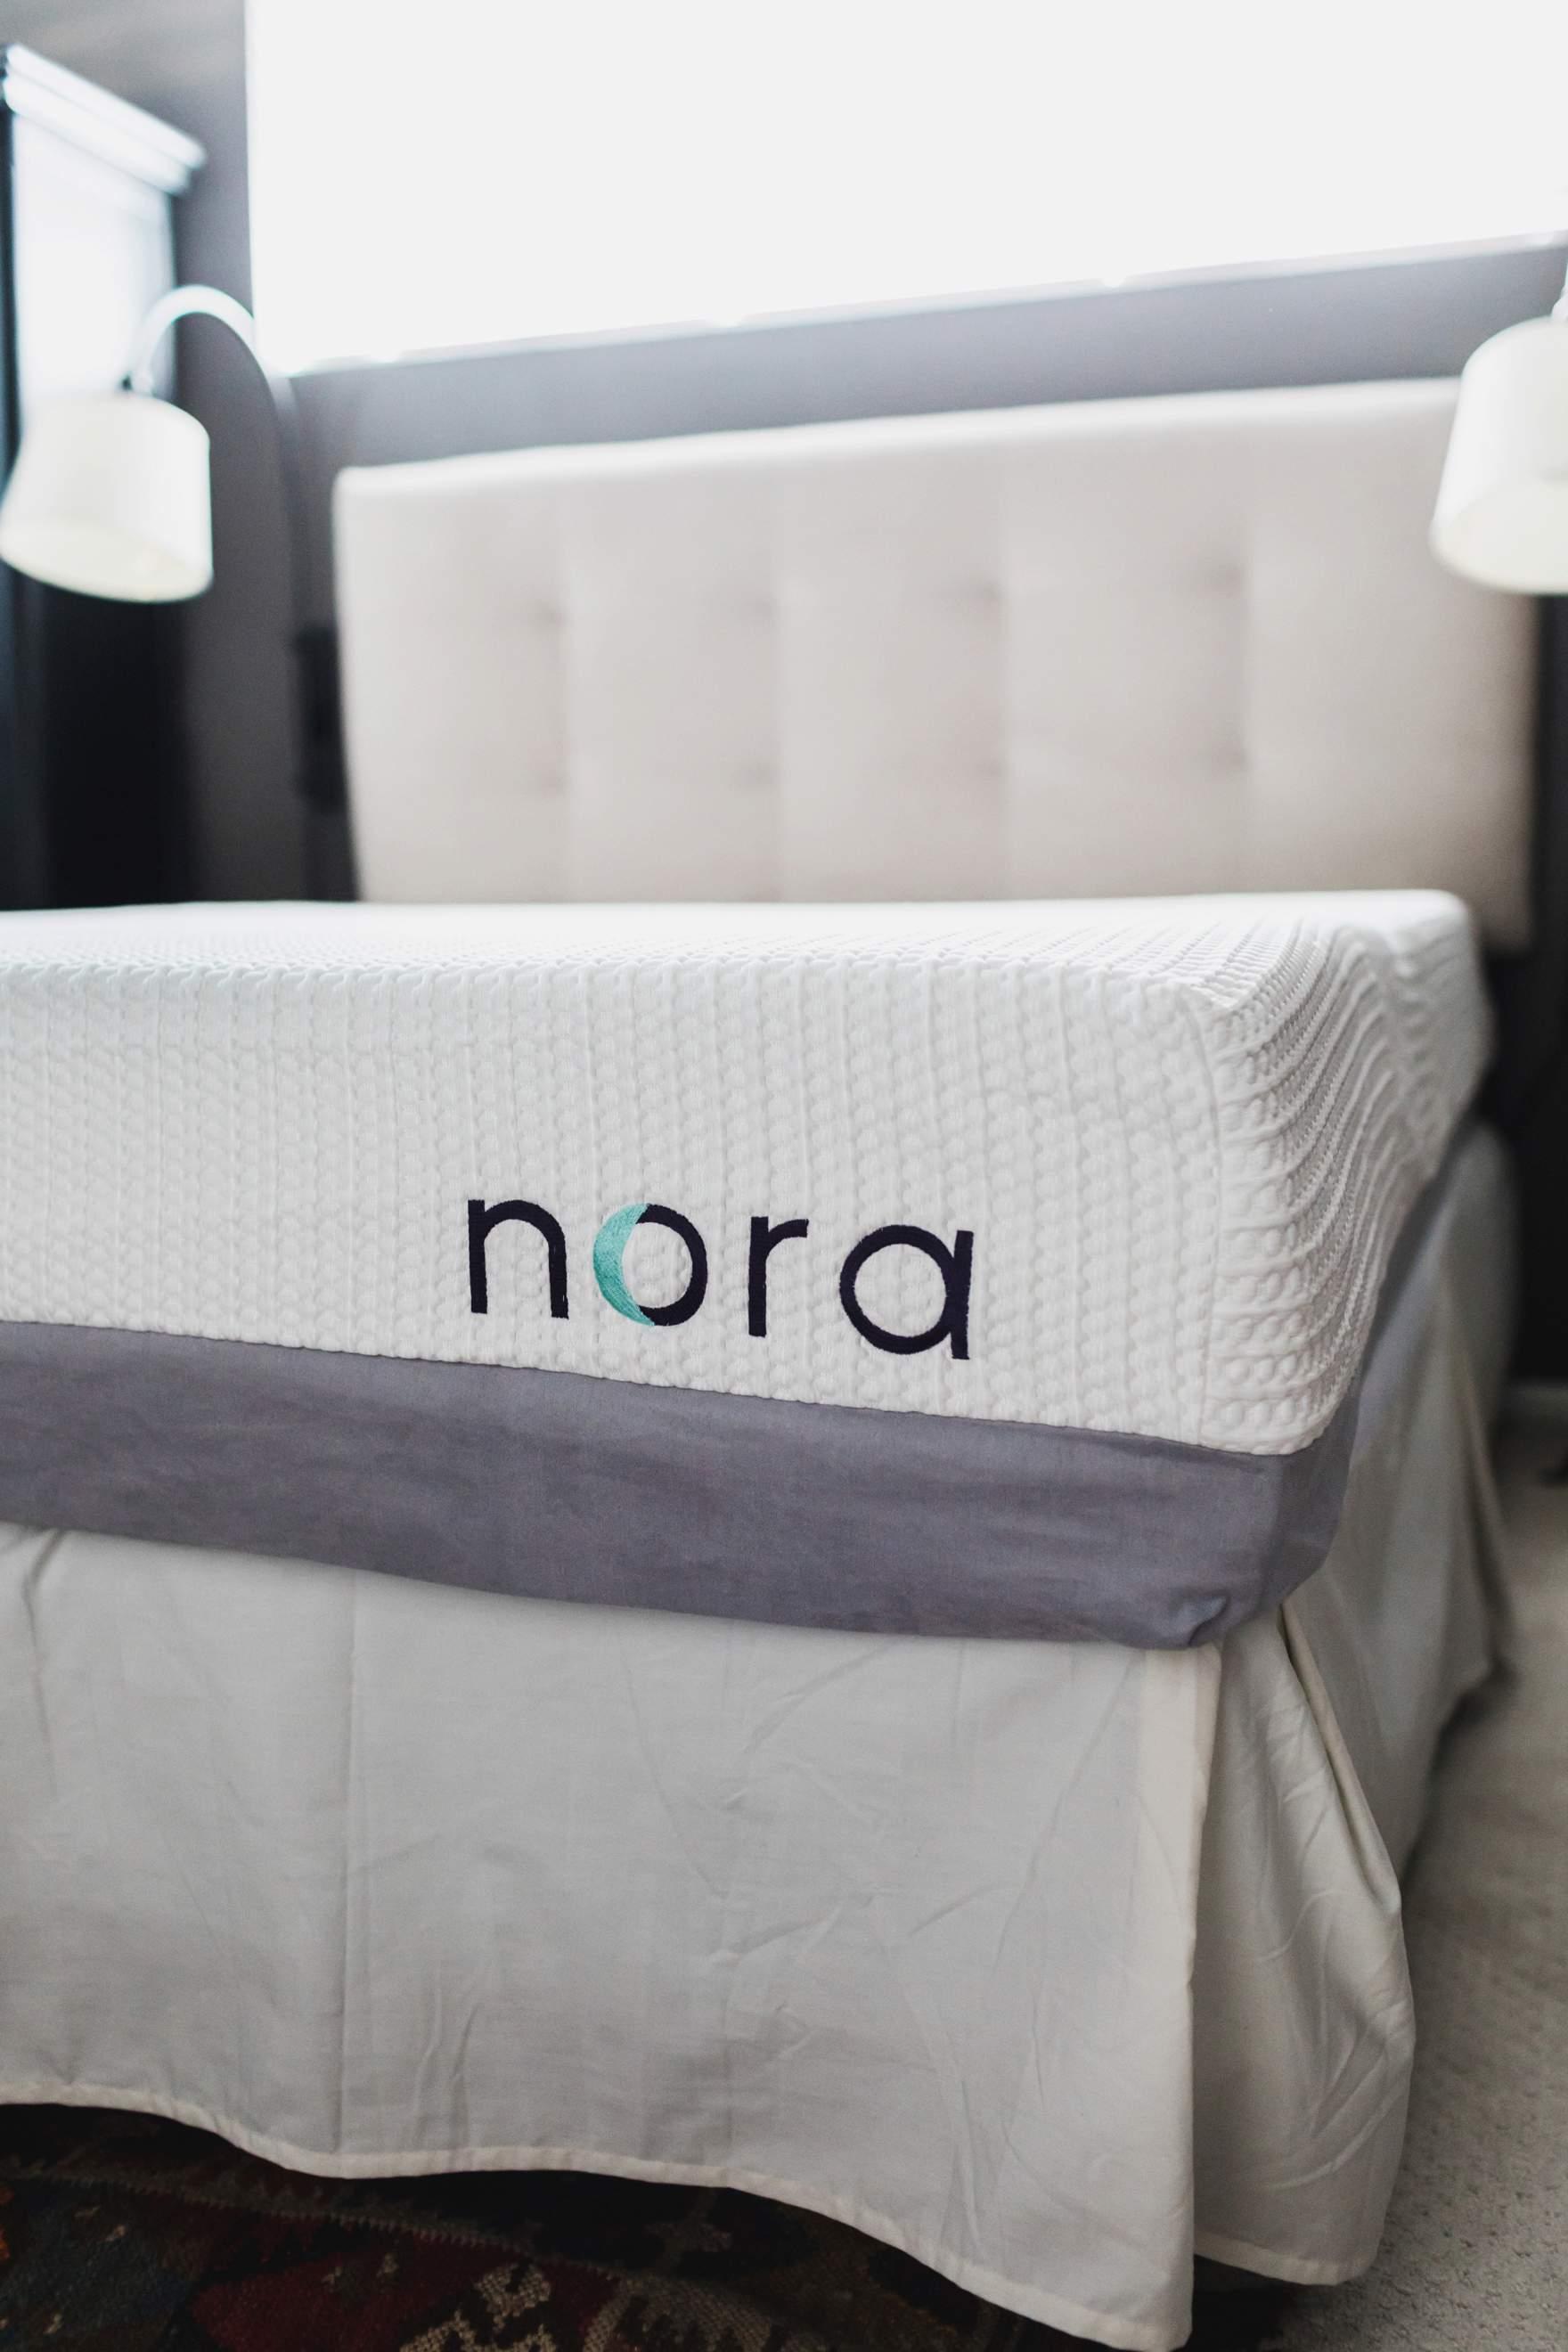 Wayfair's new mattress in a box - Nora